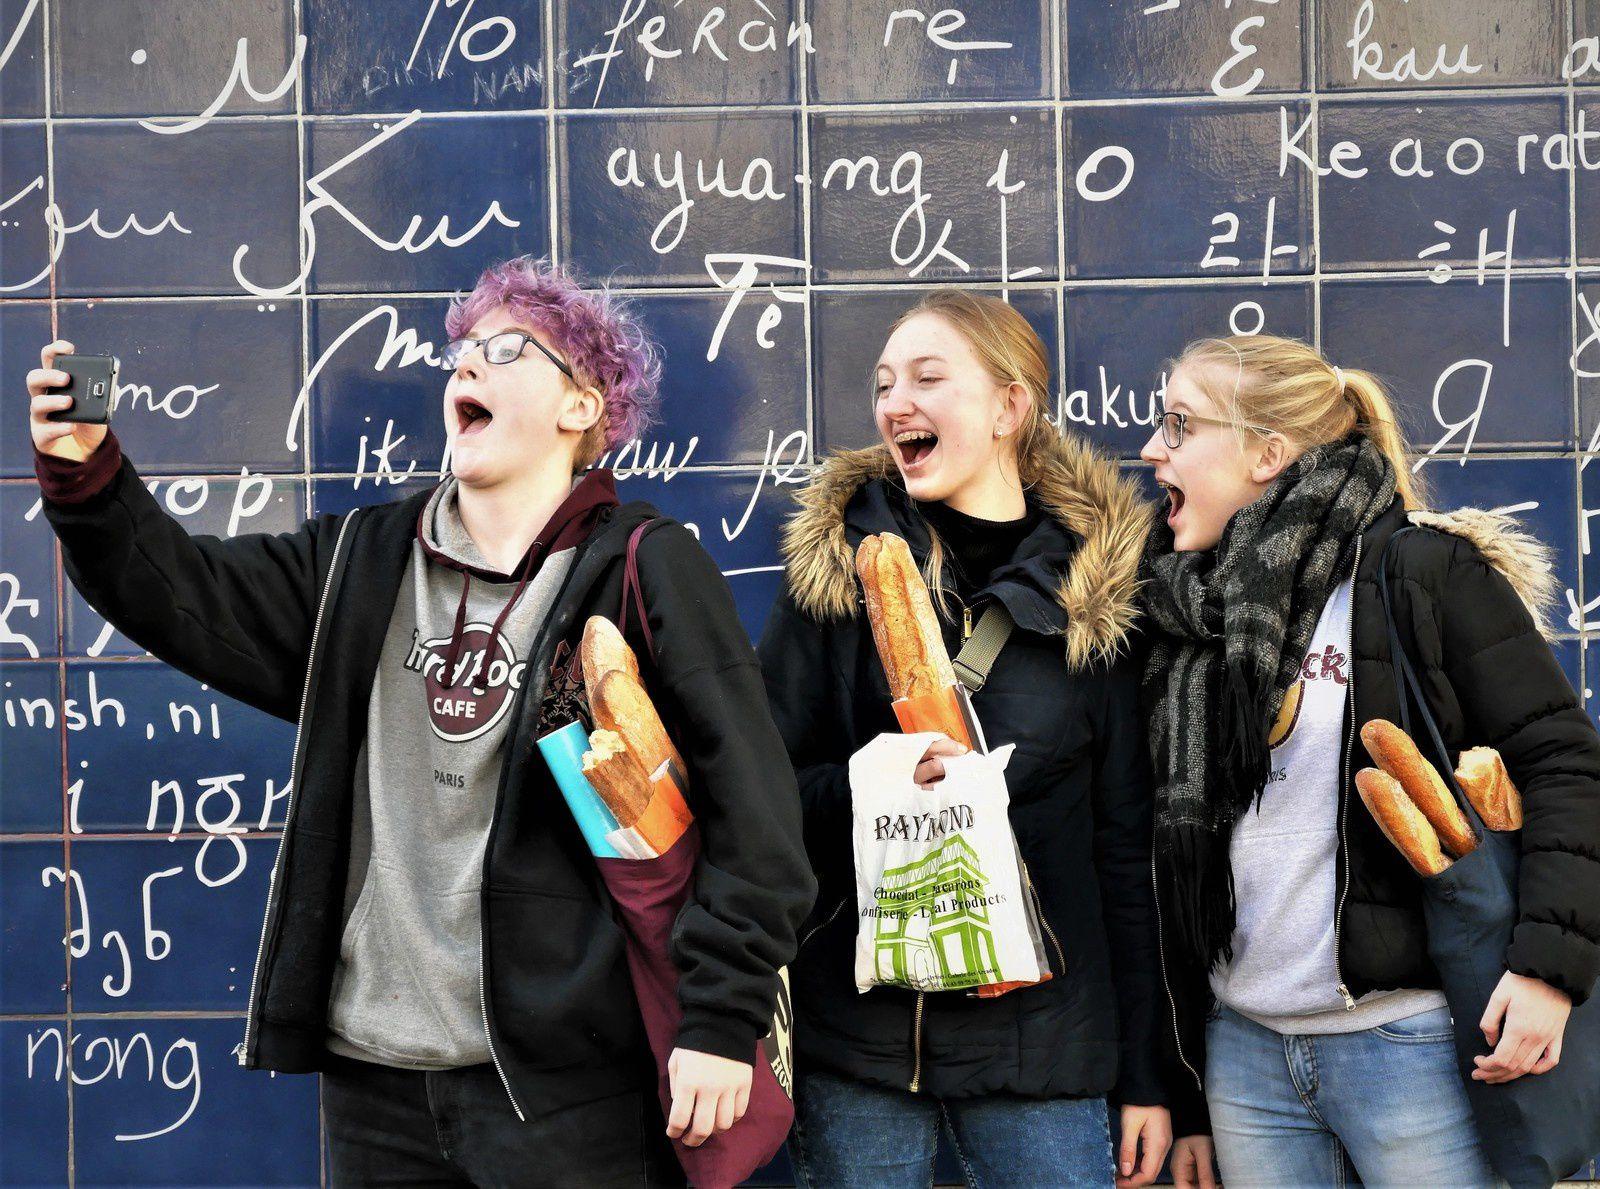 """21 février. Mur des """"Je t'aime"""" square Jehan-Rictus. Les joyeuses touristes dévoreuses de baguettes!"""